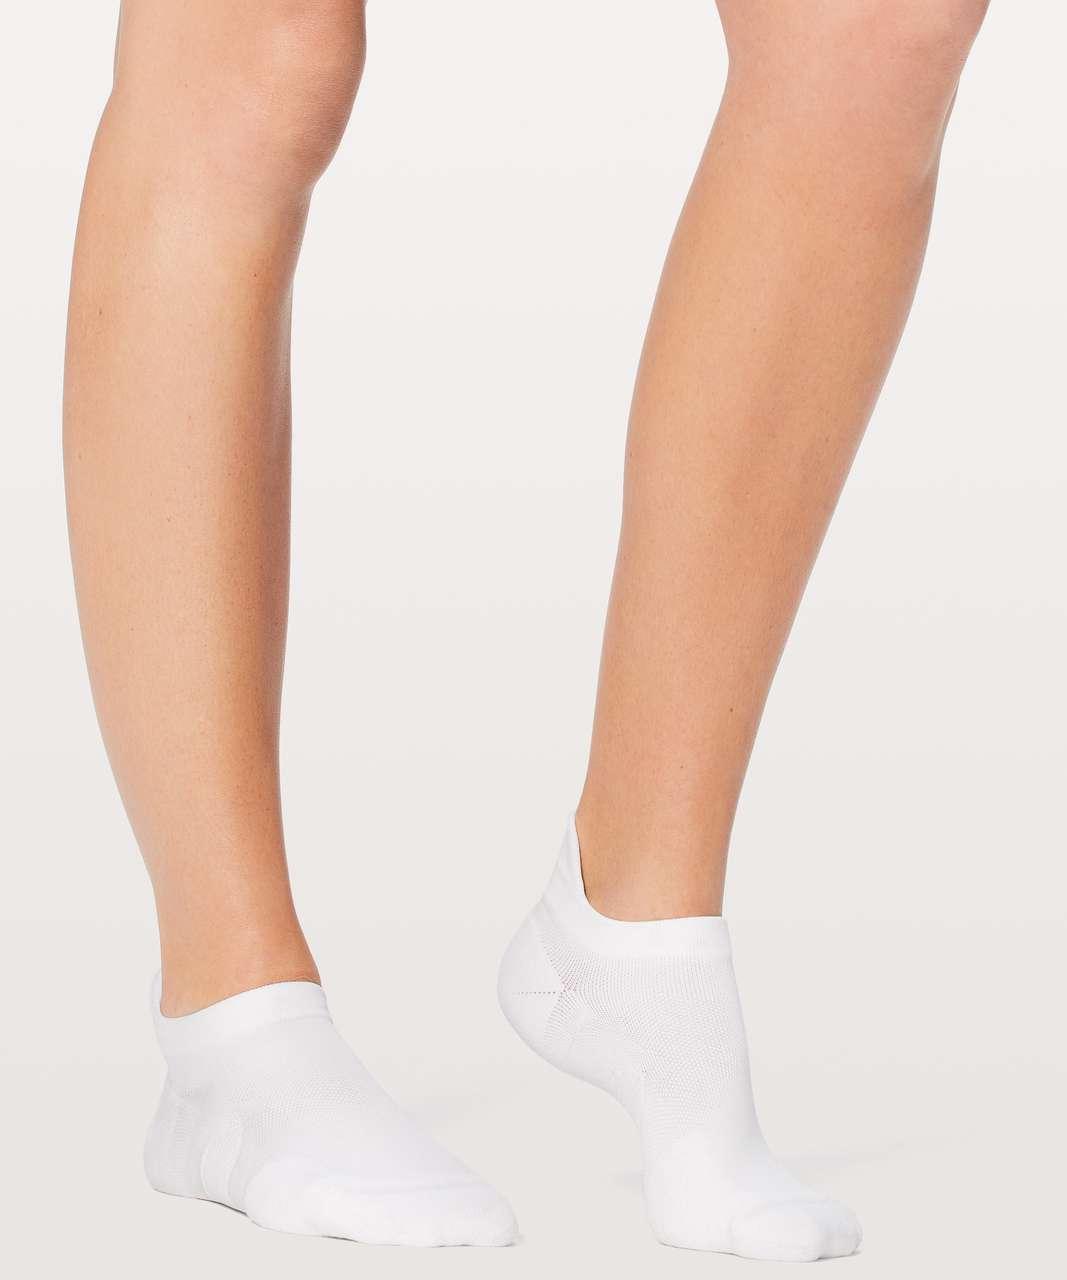 Lululemon Speed Sock - White (Third Release)